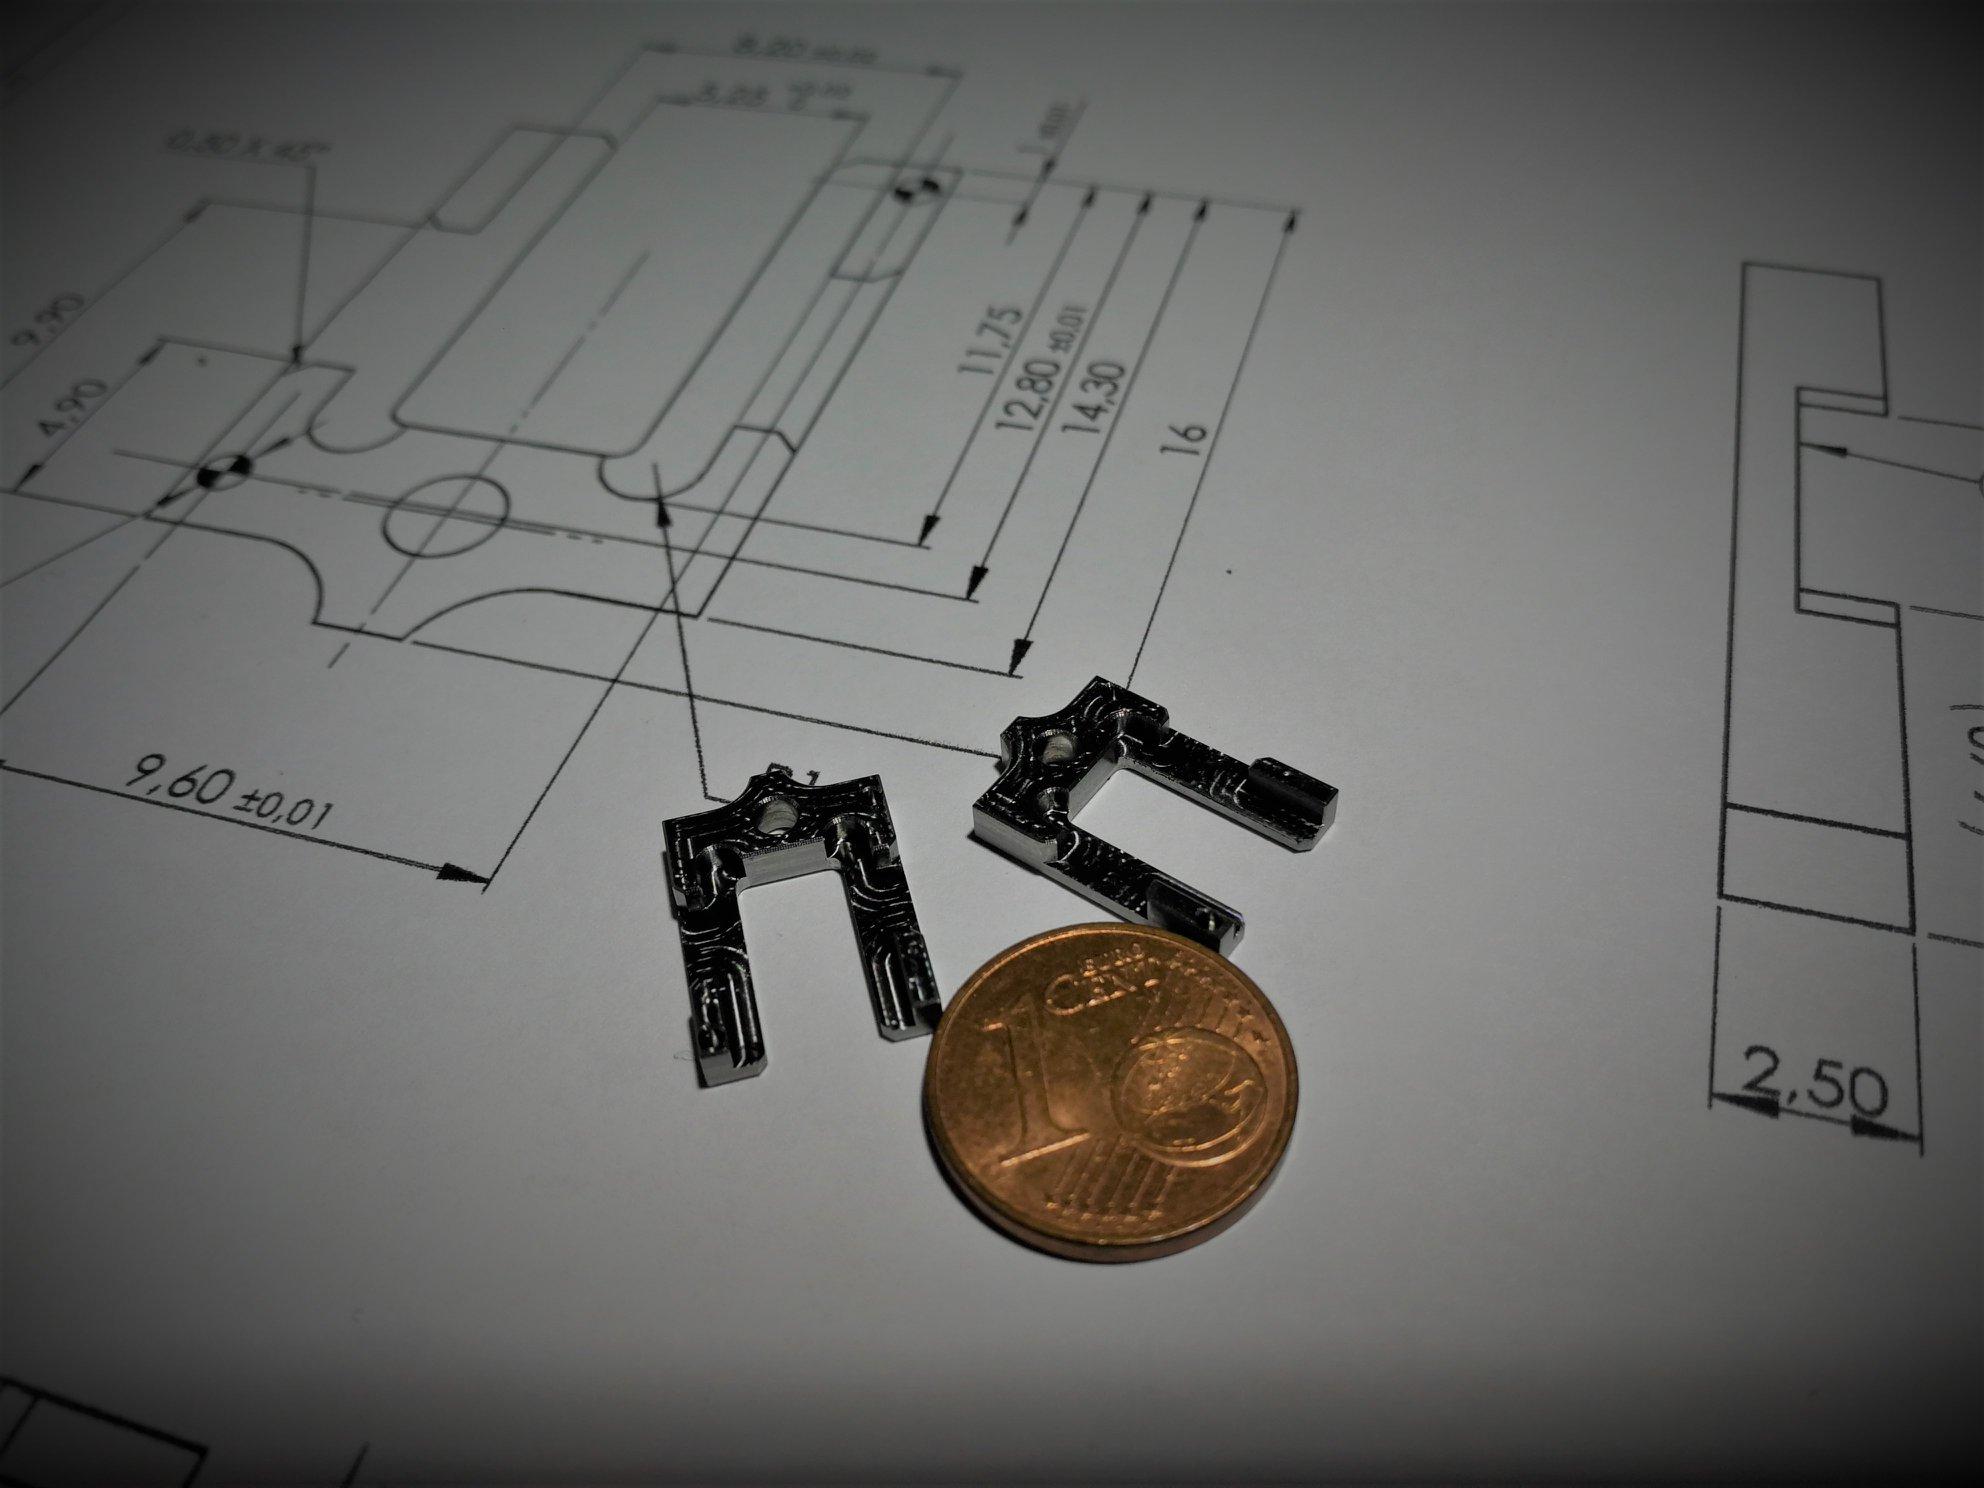 ReschTec - Fertigungstechnik e.U.